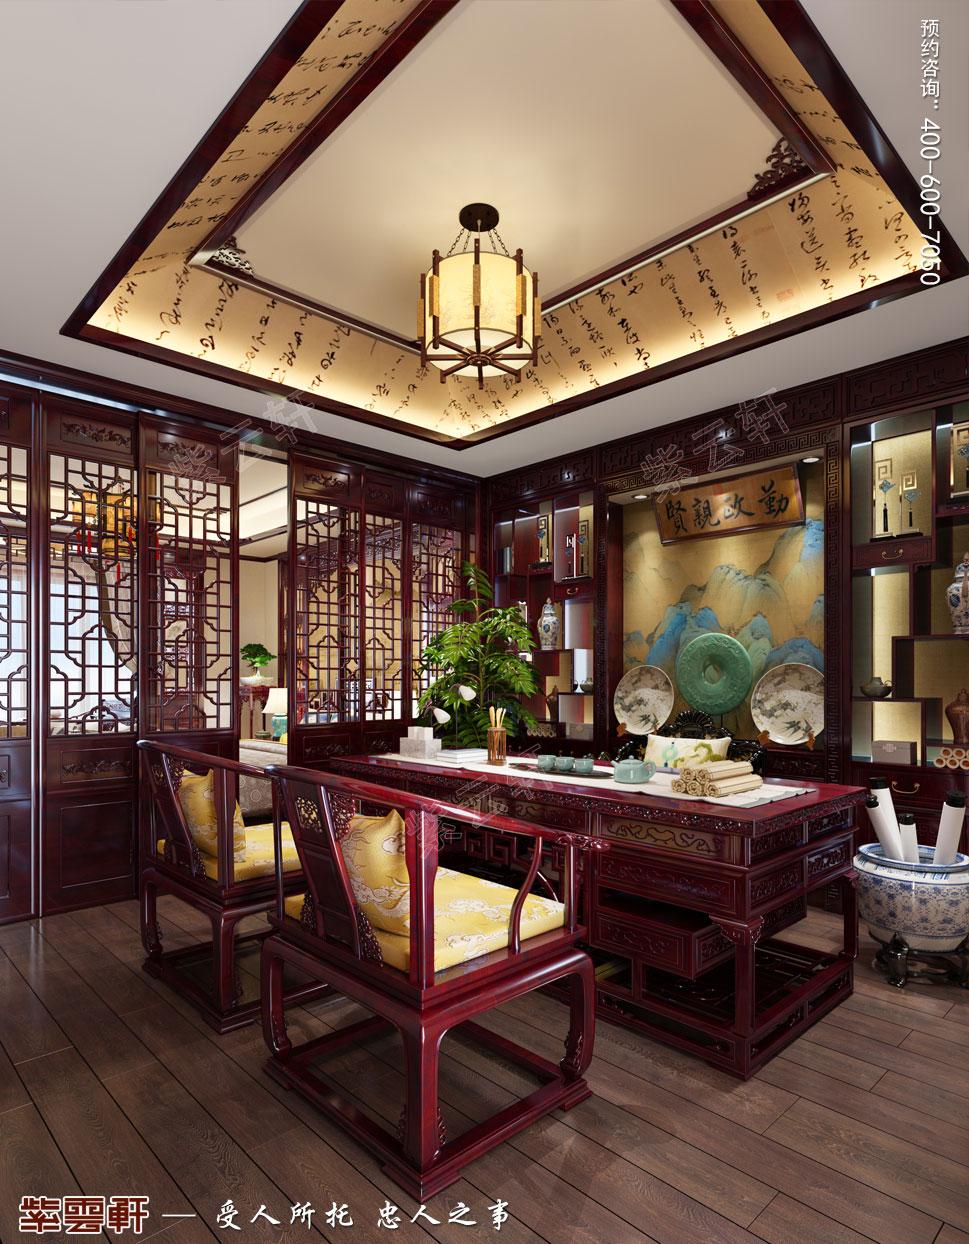 吉林珲春复式楼现代古典中式装修效果图,书房中式设计图